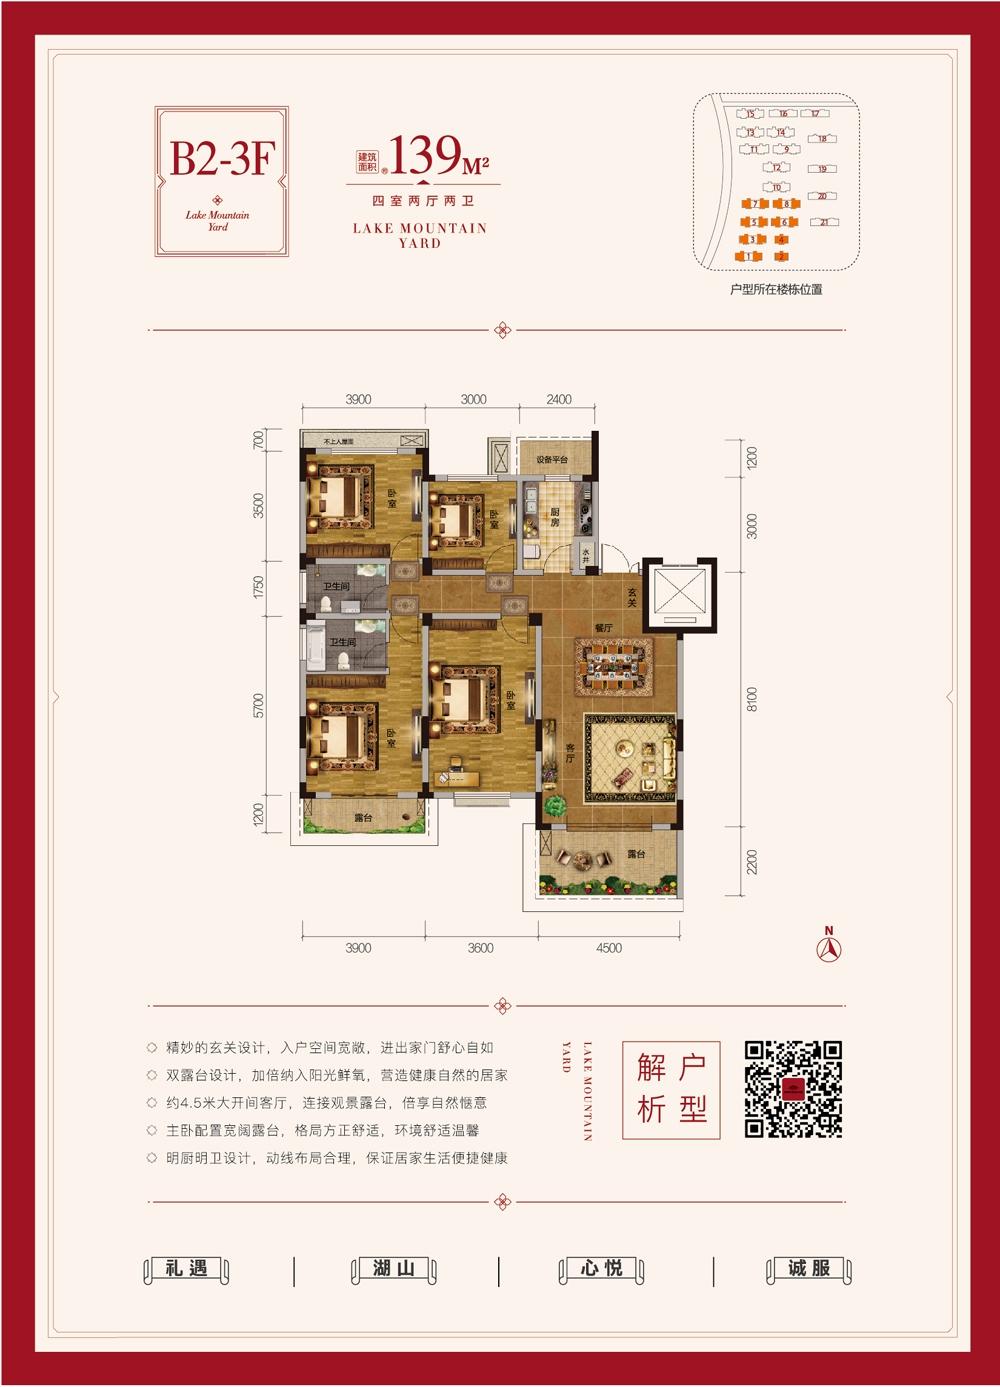 悦湖山院B2-3F户型139㎡